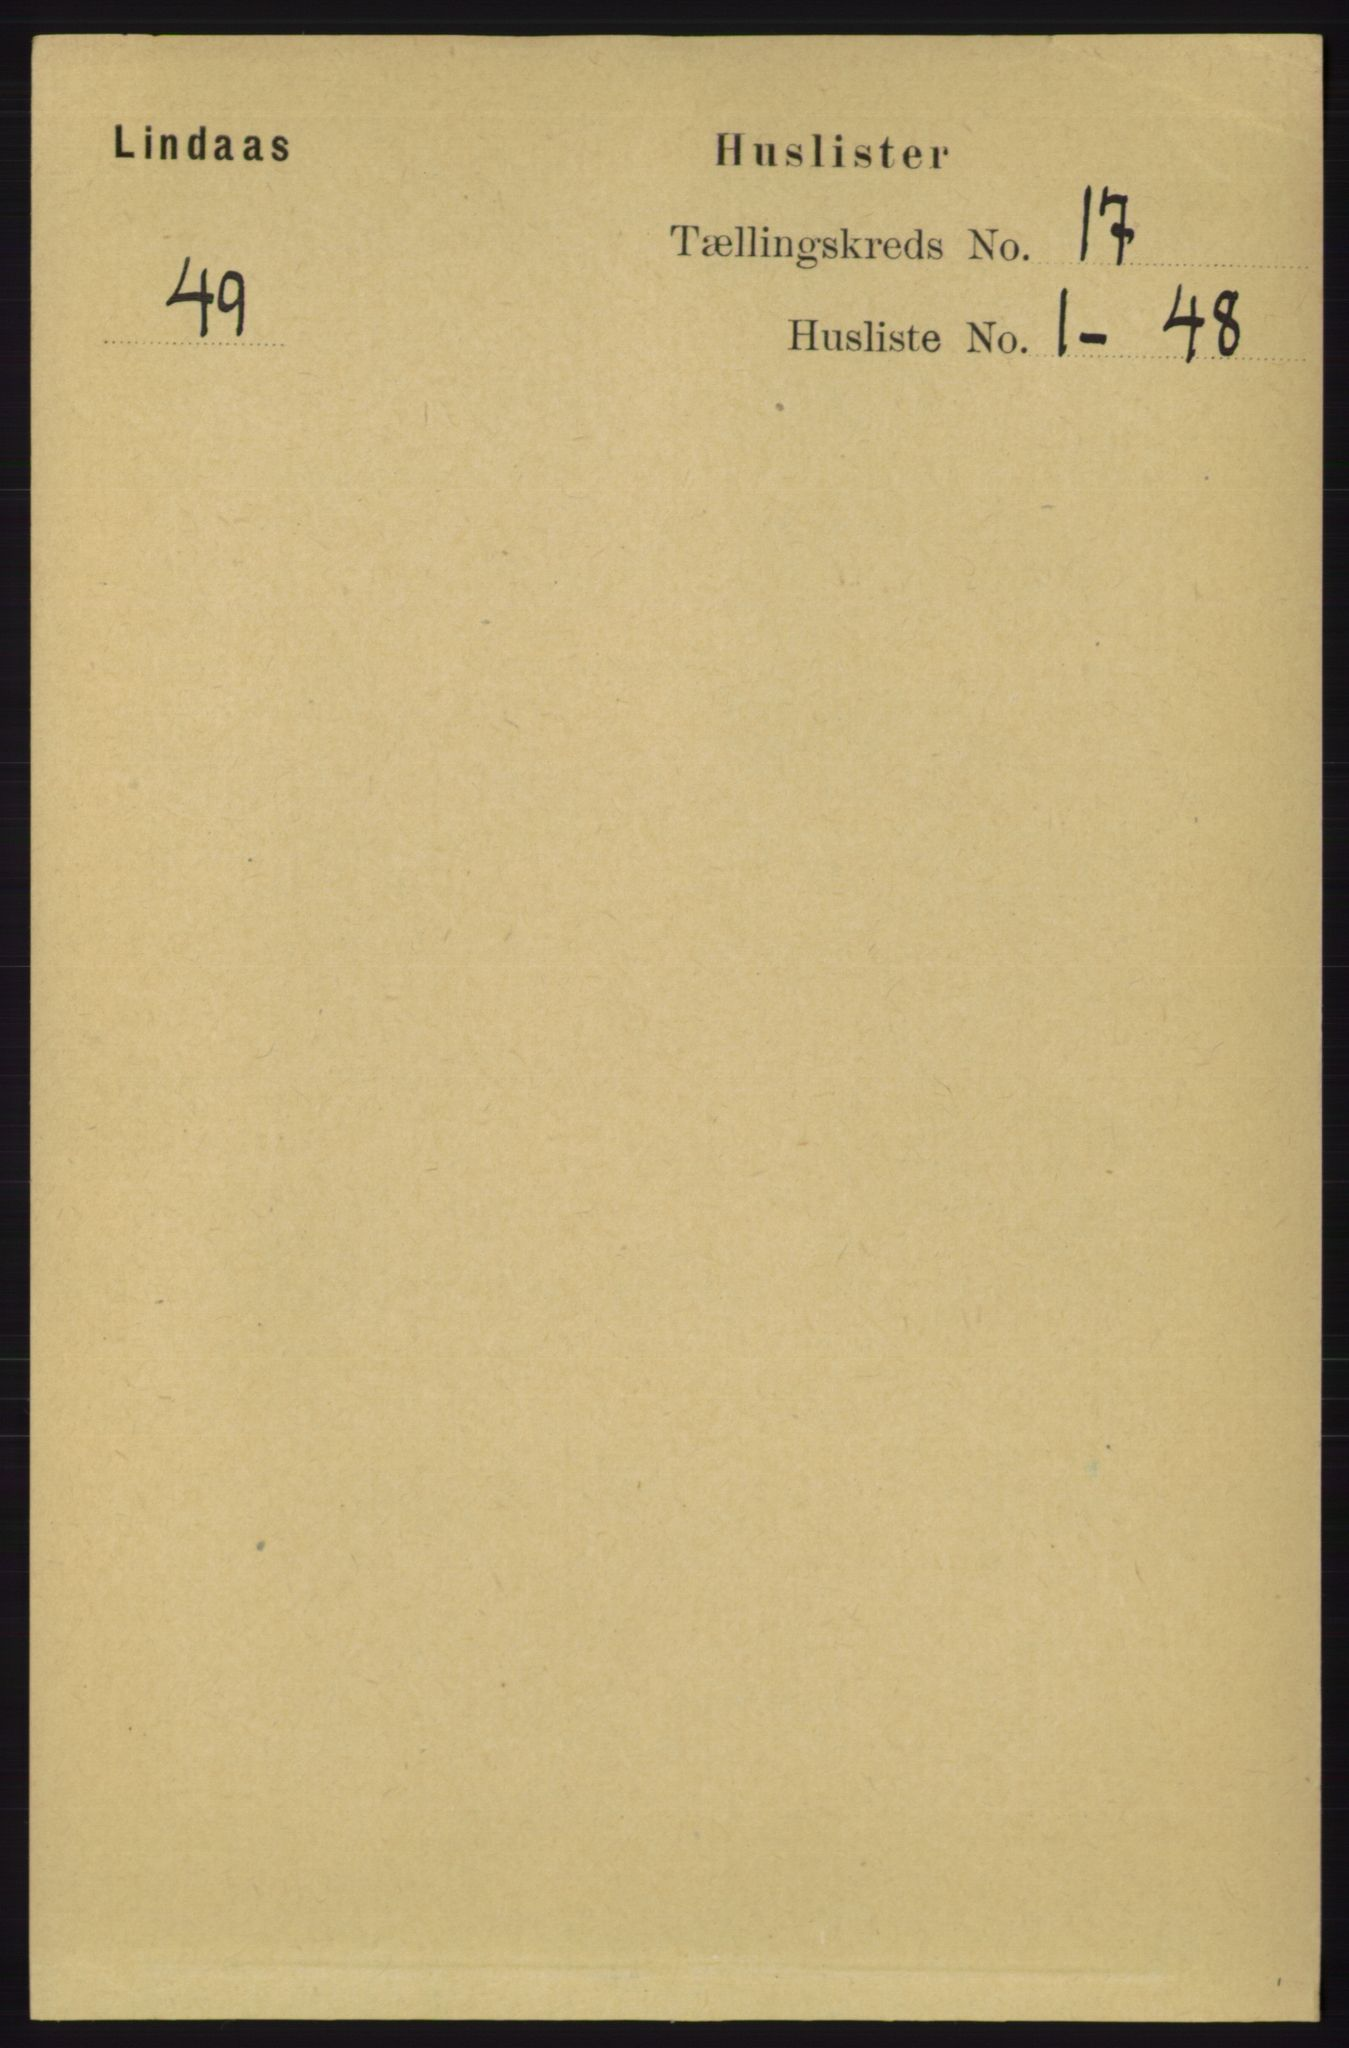 RA, Folketelling 1891 for 1263 Lindås herred, 1891, s. 6081